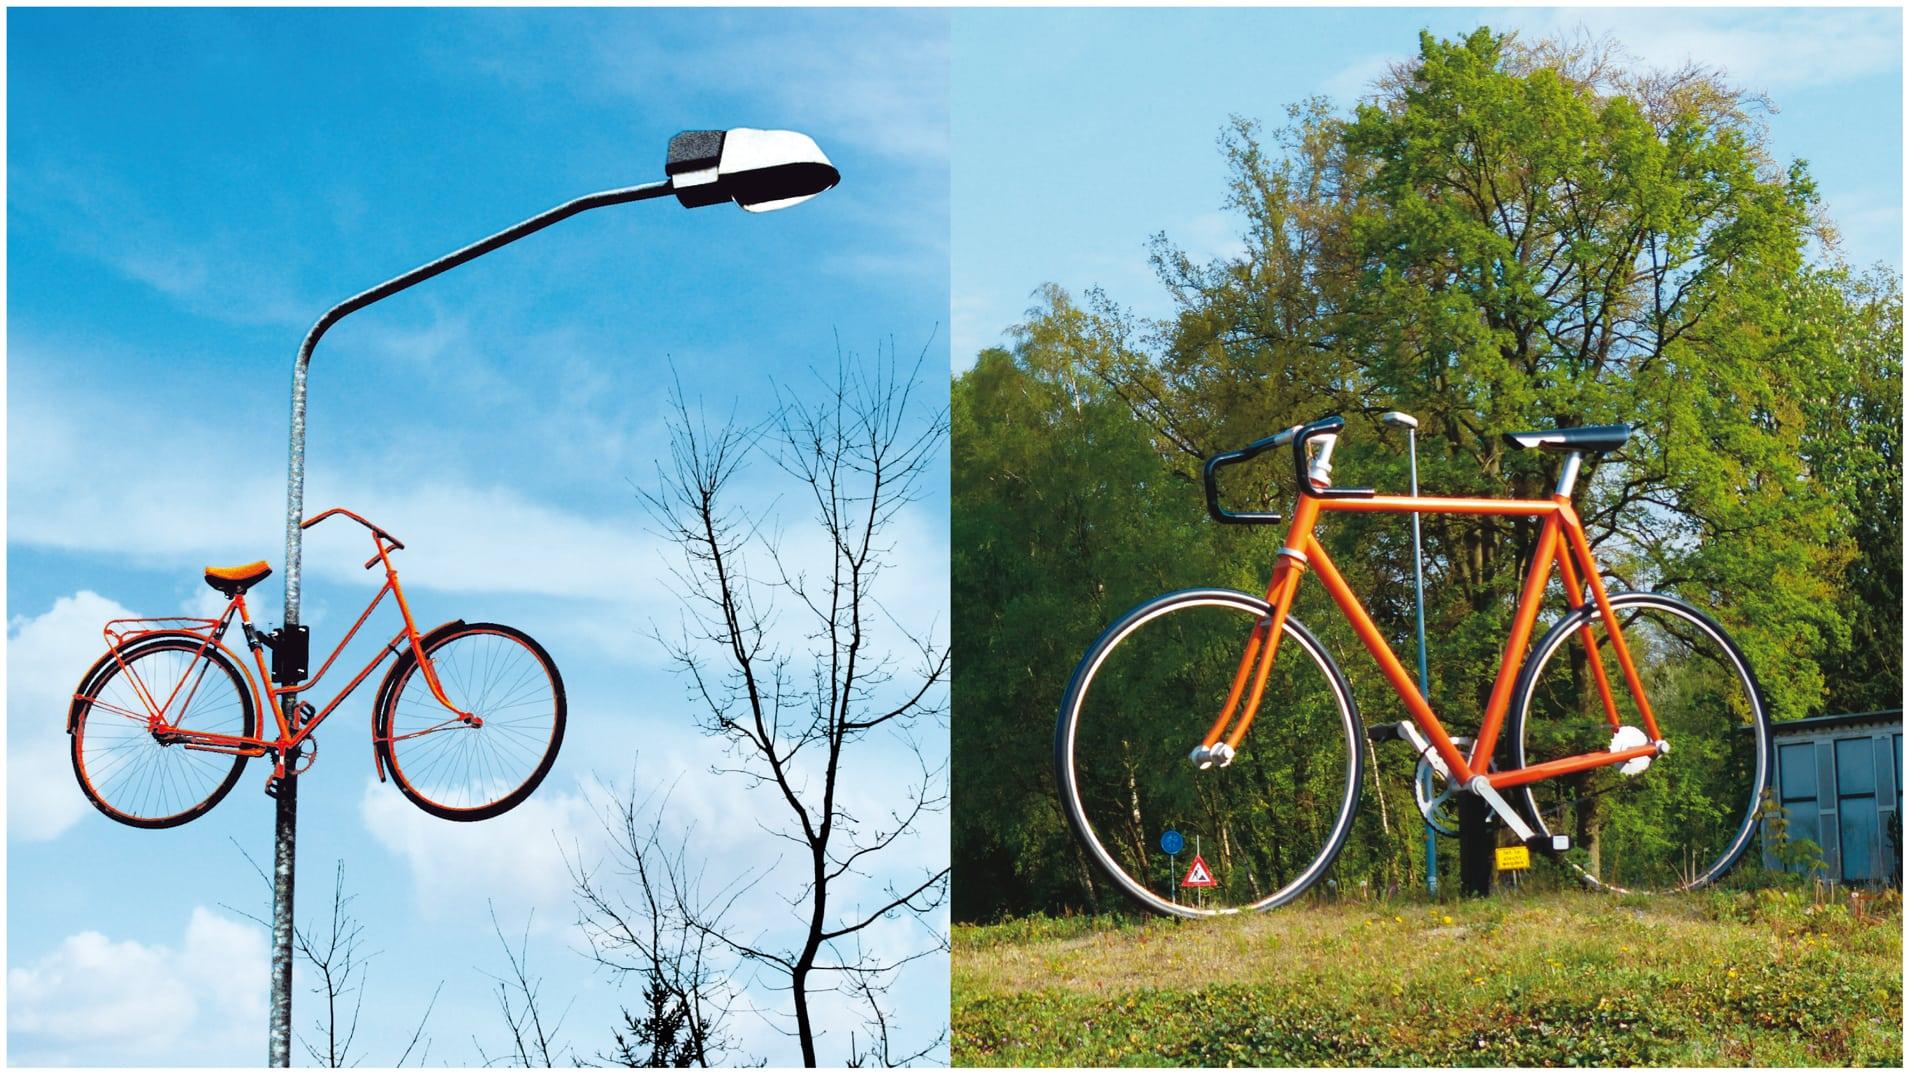 Idee ter promotie van de opening van Omnisport in Apeldoorn in 2008 (herhaald in rose tijdens de Giro Italia) - Gemeente Apeldoorn